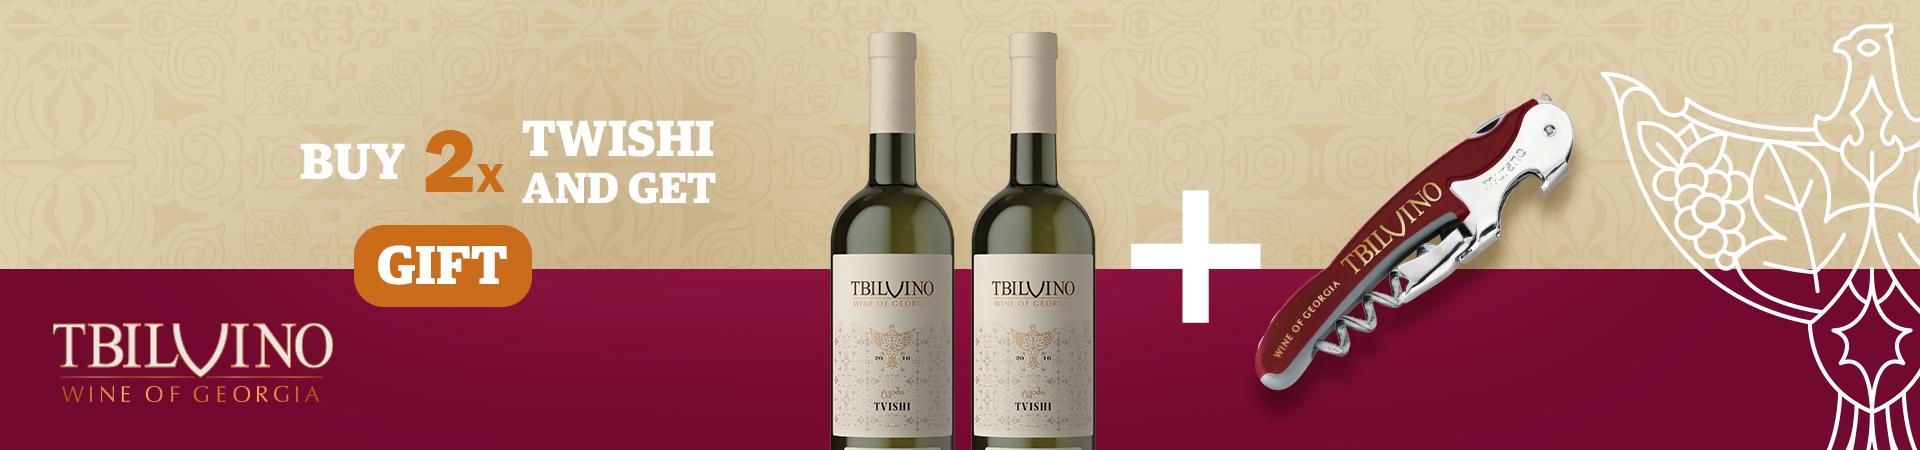 Tbilvino Tvishi 2 + Corkscrew ENG